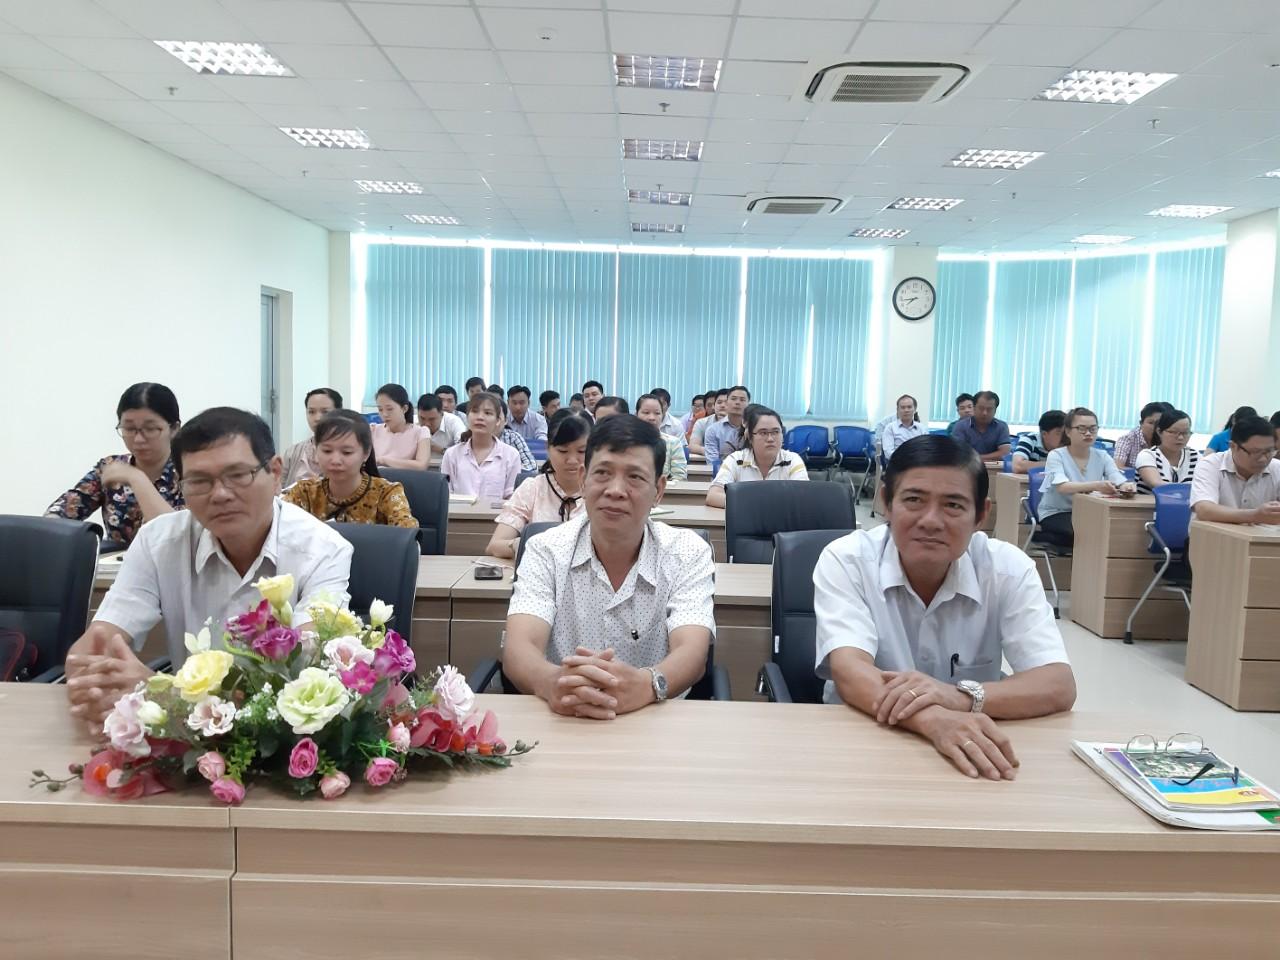 Đảng ủy Khối Doanh nghiệp tỉnh: Khai giảng lớp Bồi dưỡng lý luận chính trị cho đảng viên mới